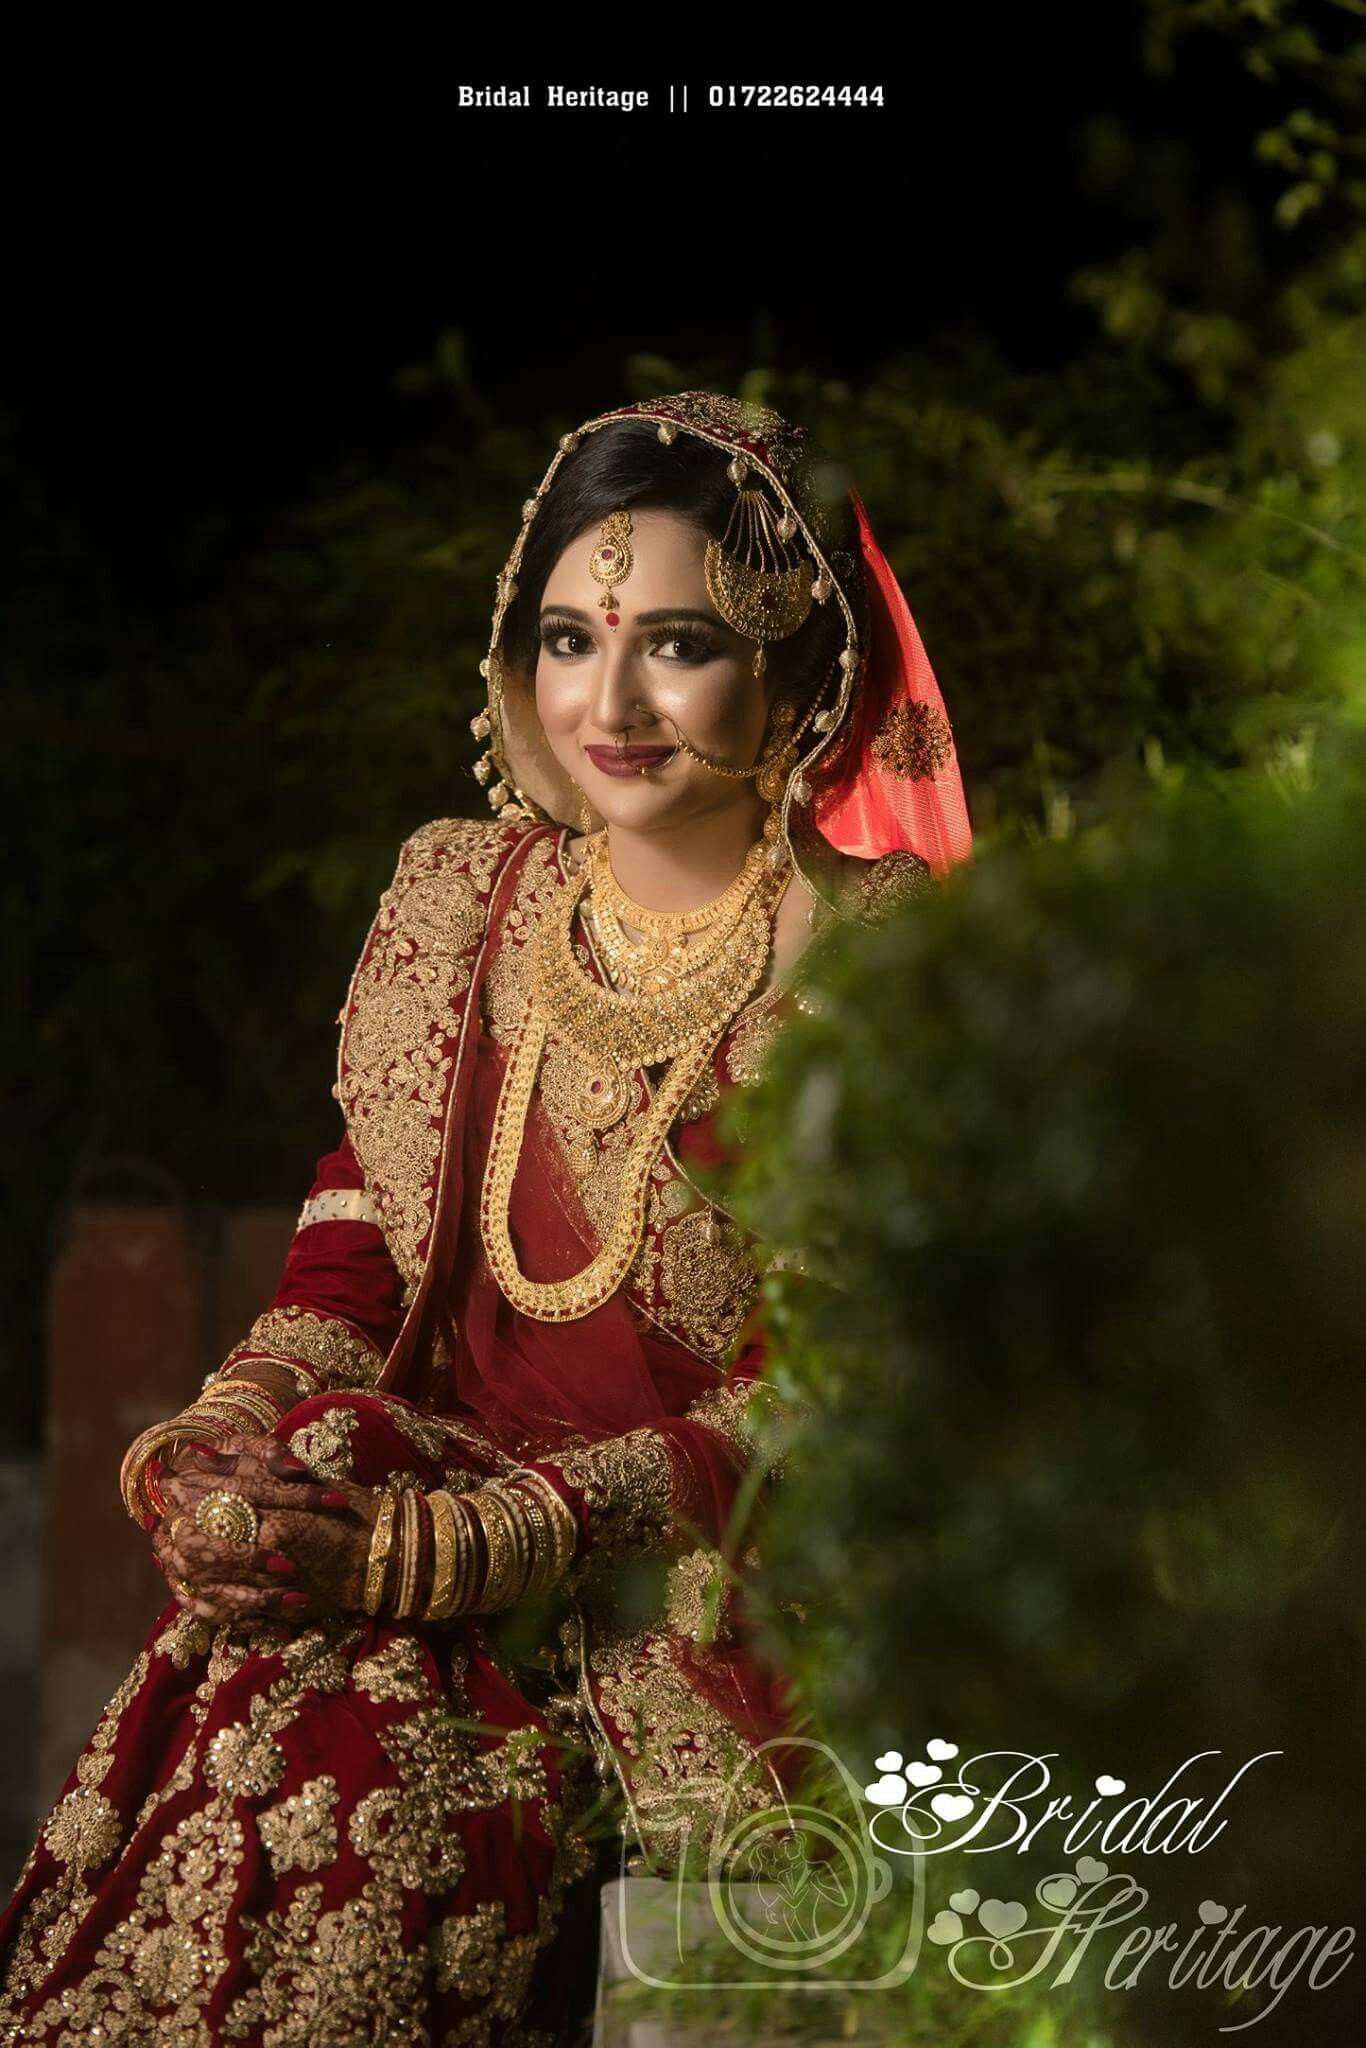 Pin by nurjahan akter on bangladeshi bride pinterest